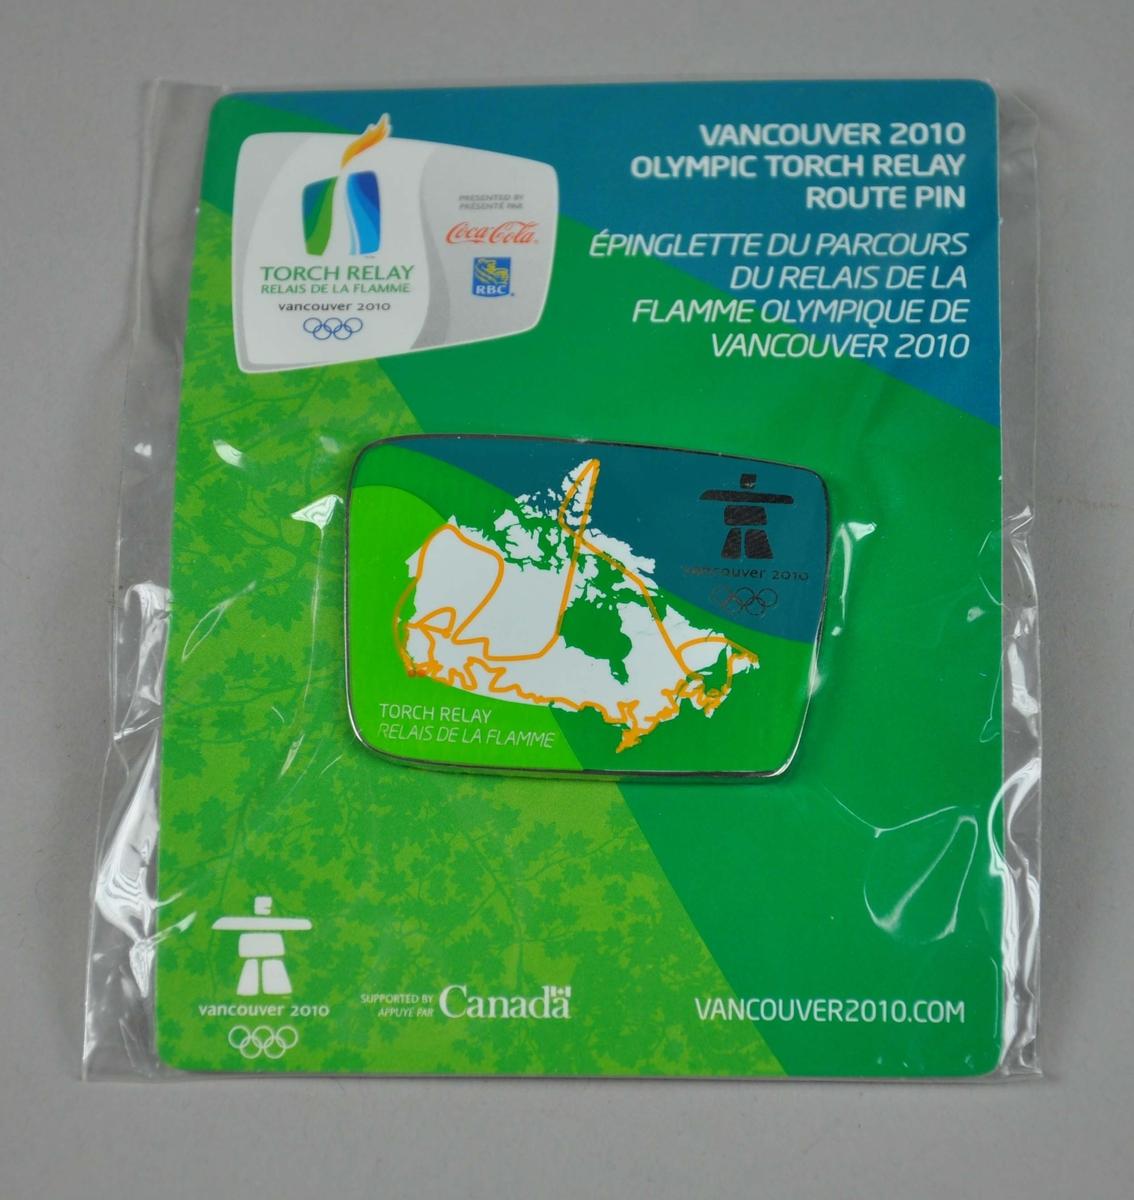 Pins med emblemet for de olympiske vinterleker i Vancouver i 2010. På emblemet er det også motiv av Canada. Pinsen er festet til en plate av papp med logo for Fakkelstafetten i forbindelse med lekene.